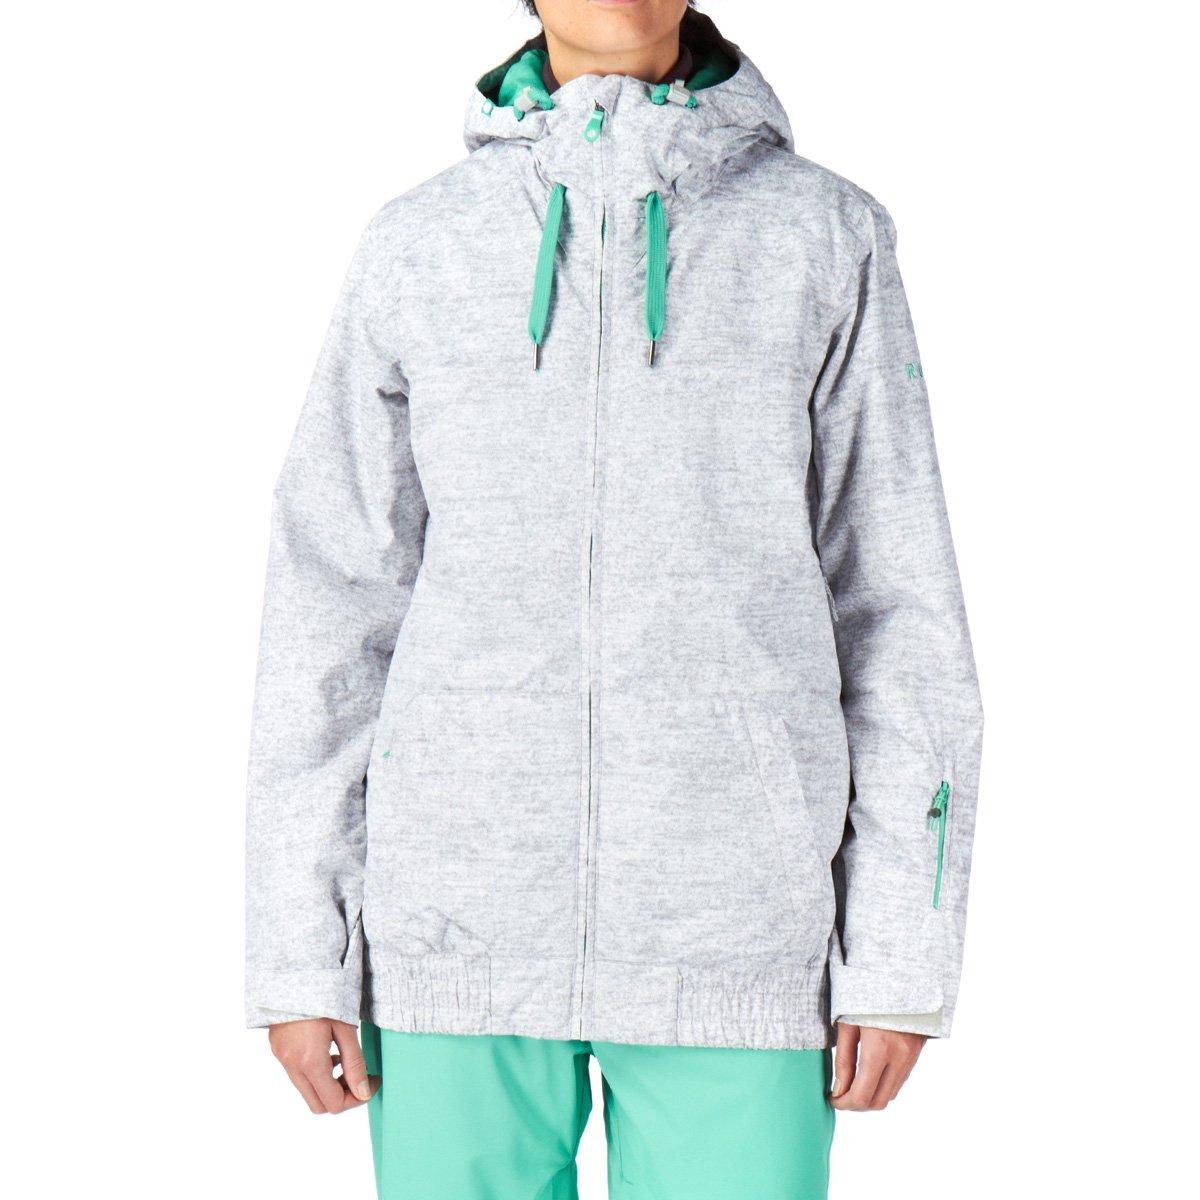 Roxy Damen Snowboardjacke Valley Hoodie Jacket